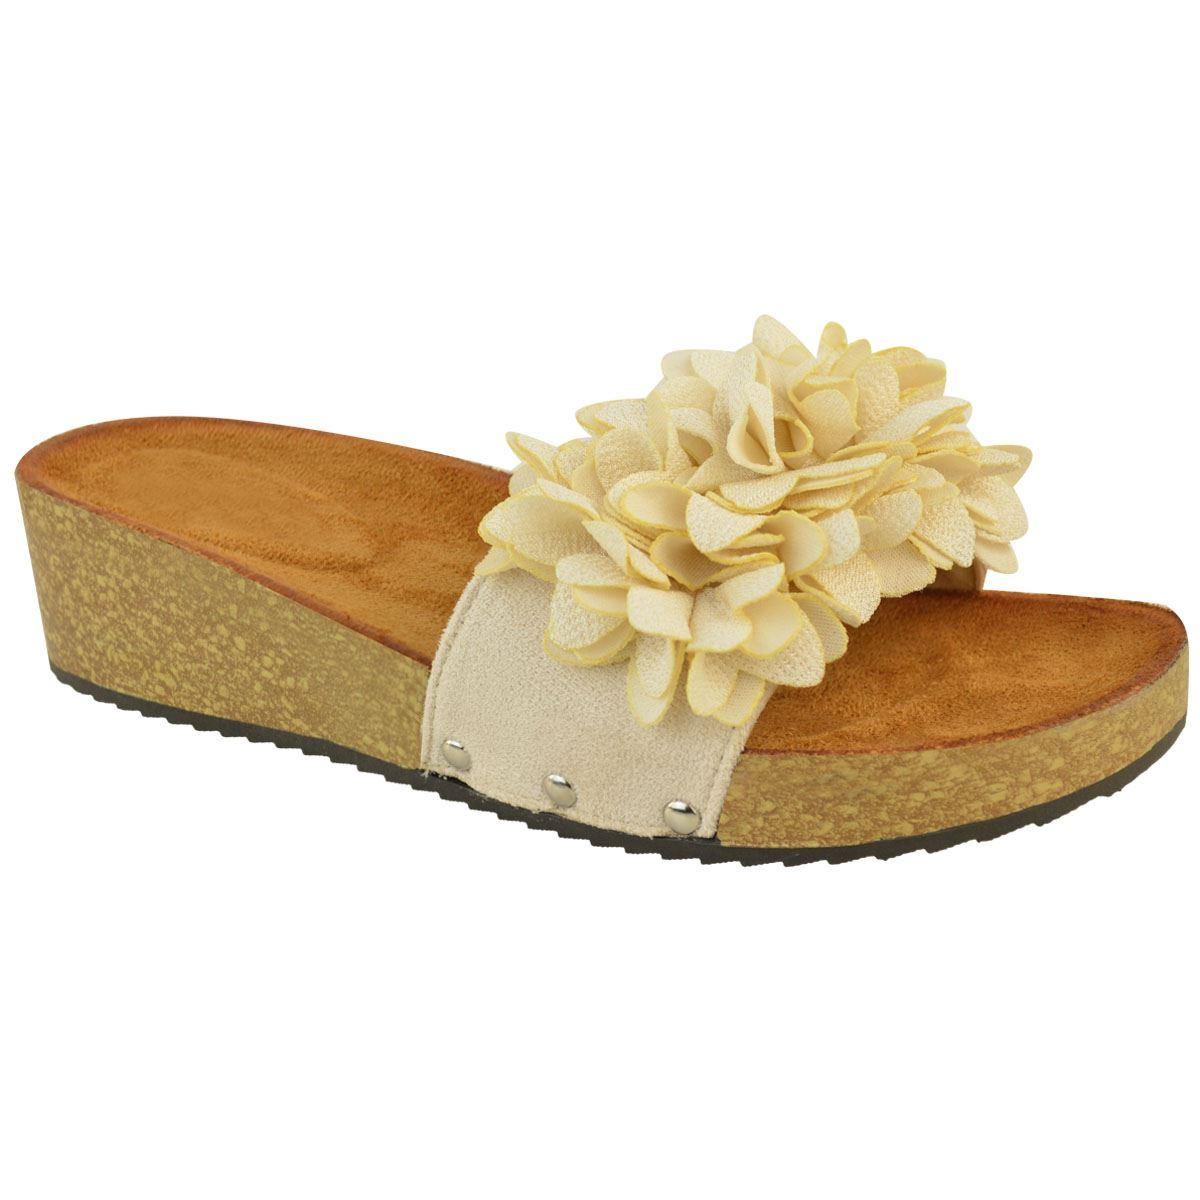 New Women Metallic Slide Sandals Flip Flop Platform Footbed Shoes 1818